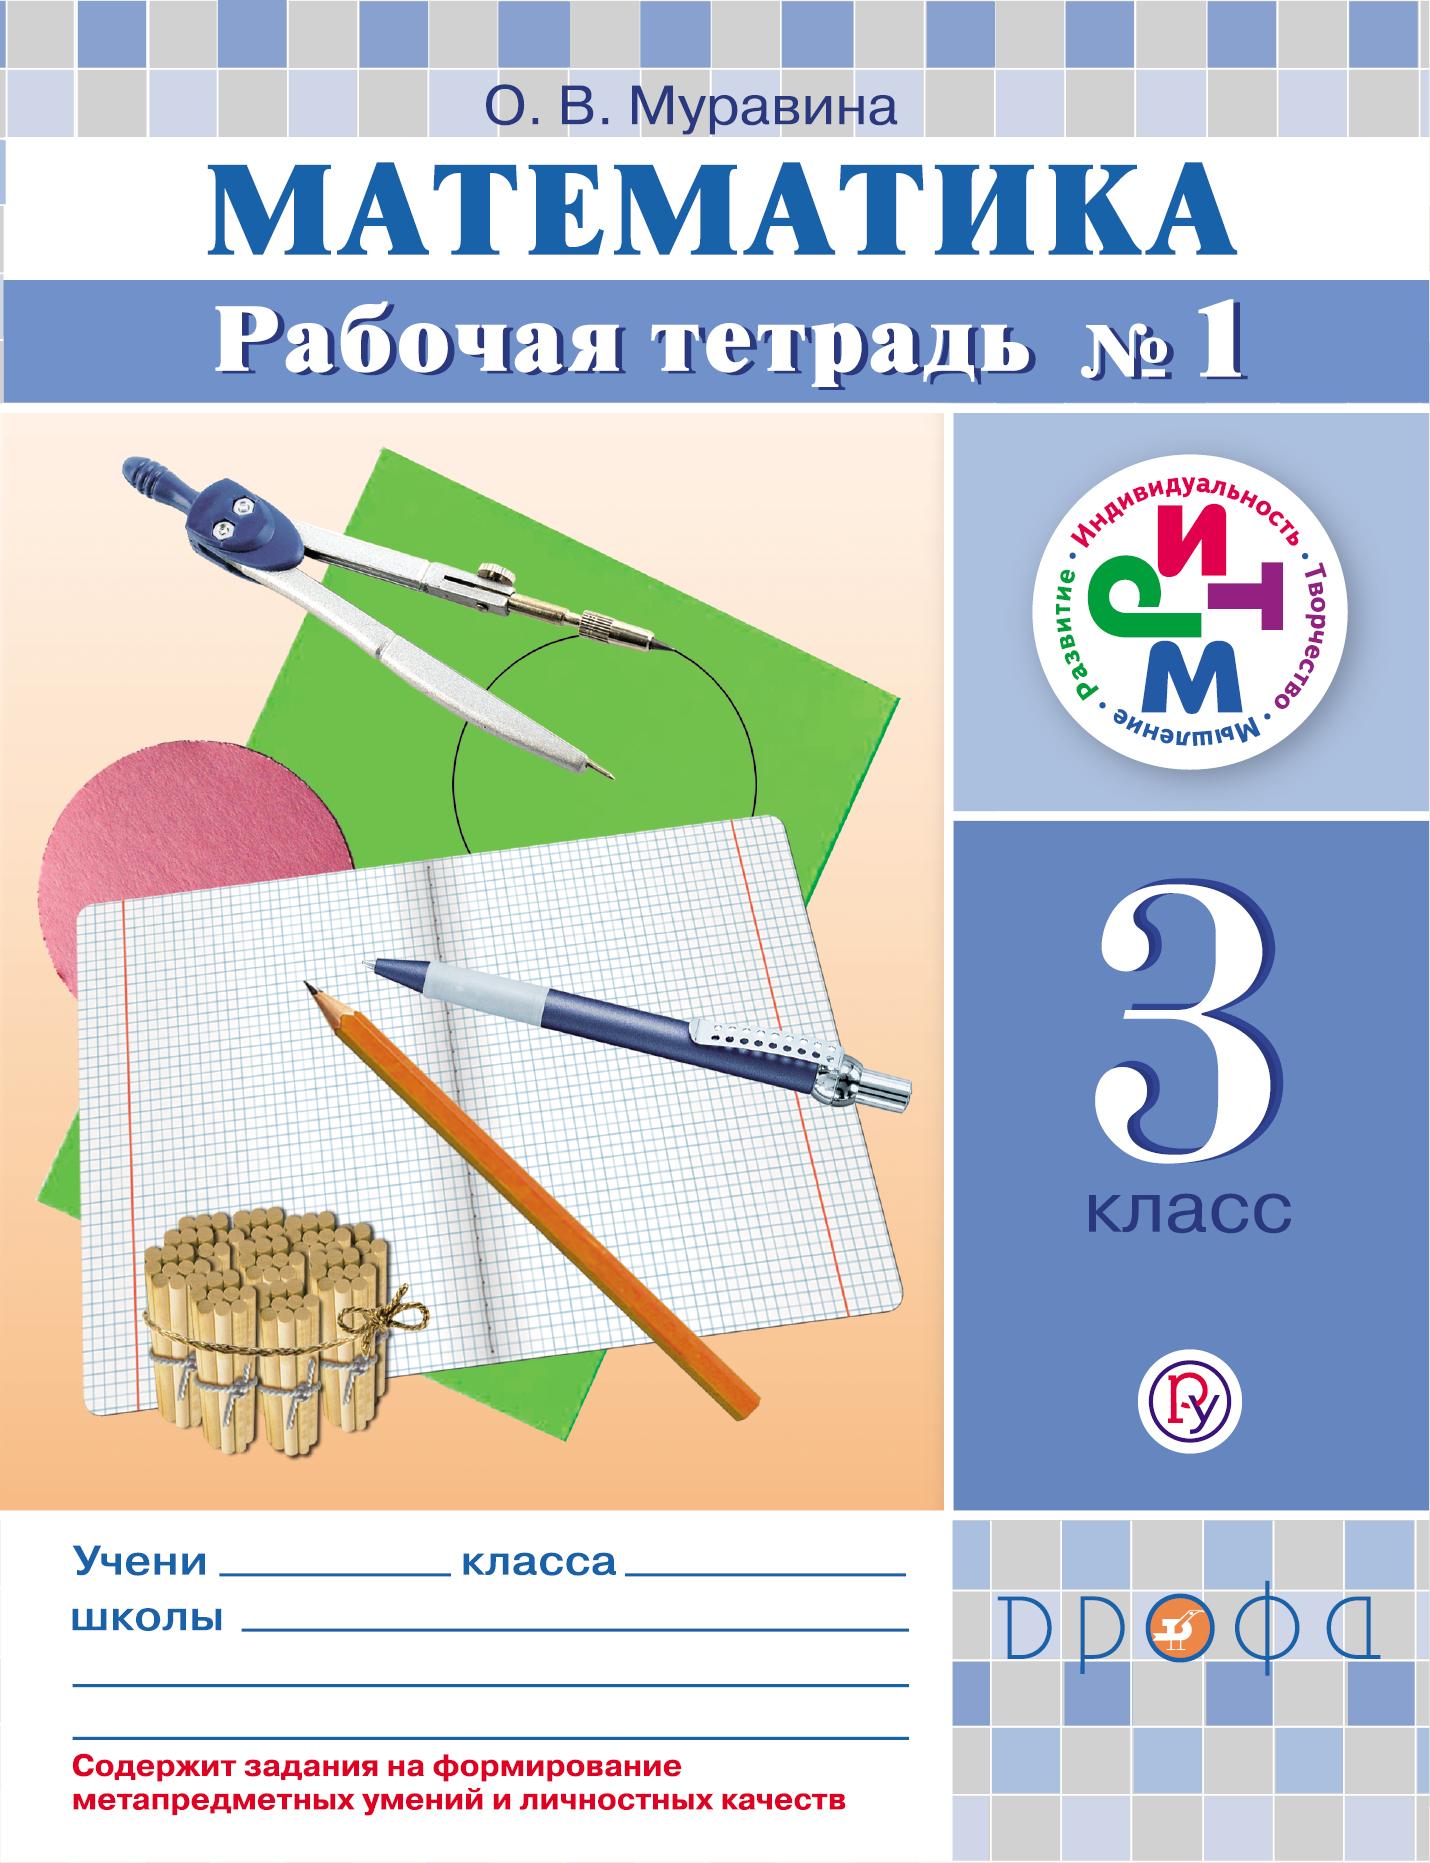 Муравина О.В. Математика. 3 кл. Рабочая тетрадь. №1 РИТМ александрова н в математика 3 кл рабочая тетрадь 1